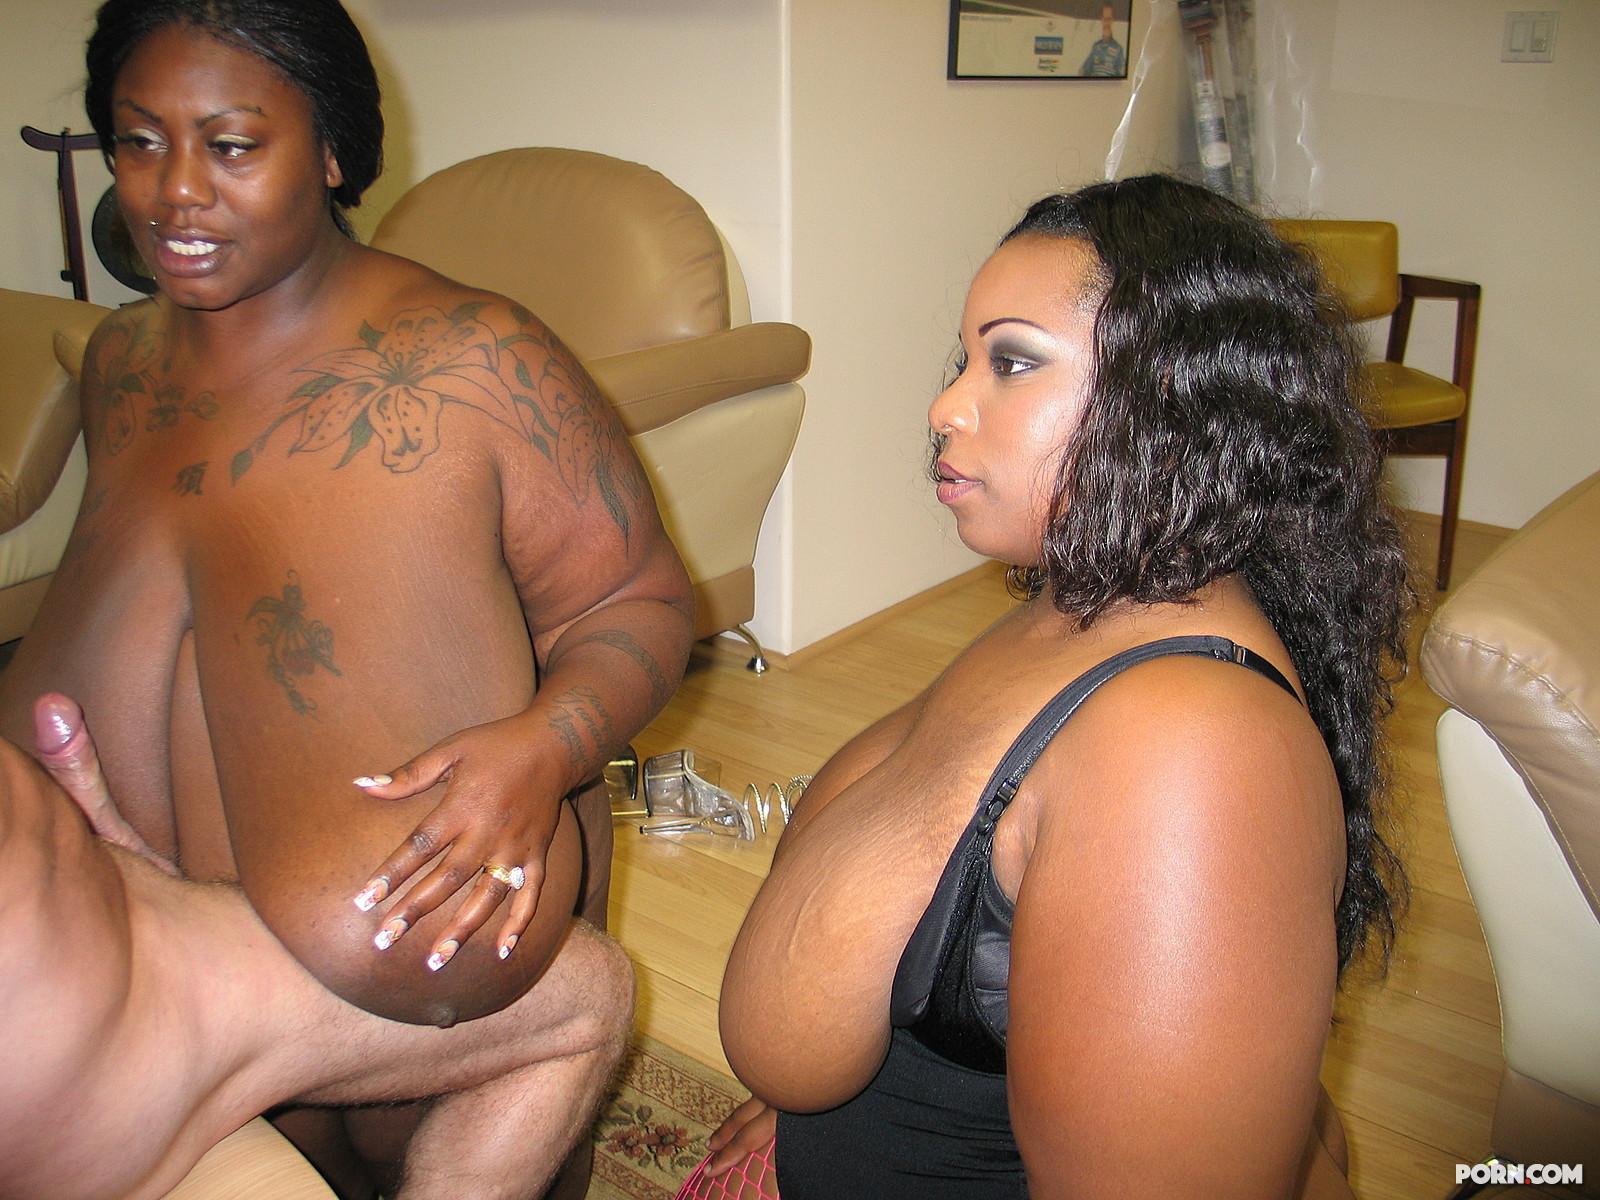 Секс с толстой негритянкой смотреть онлайн бесплатно, Жаркое порно толстушек для любителей объемных 26 фотография